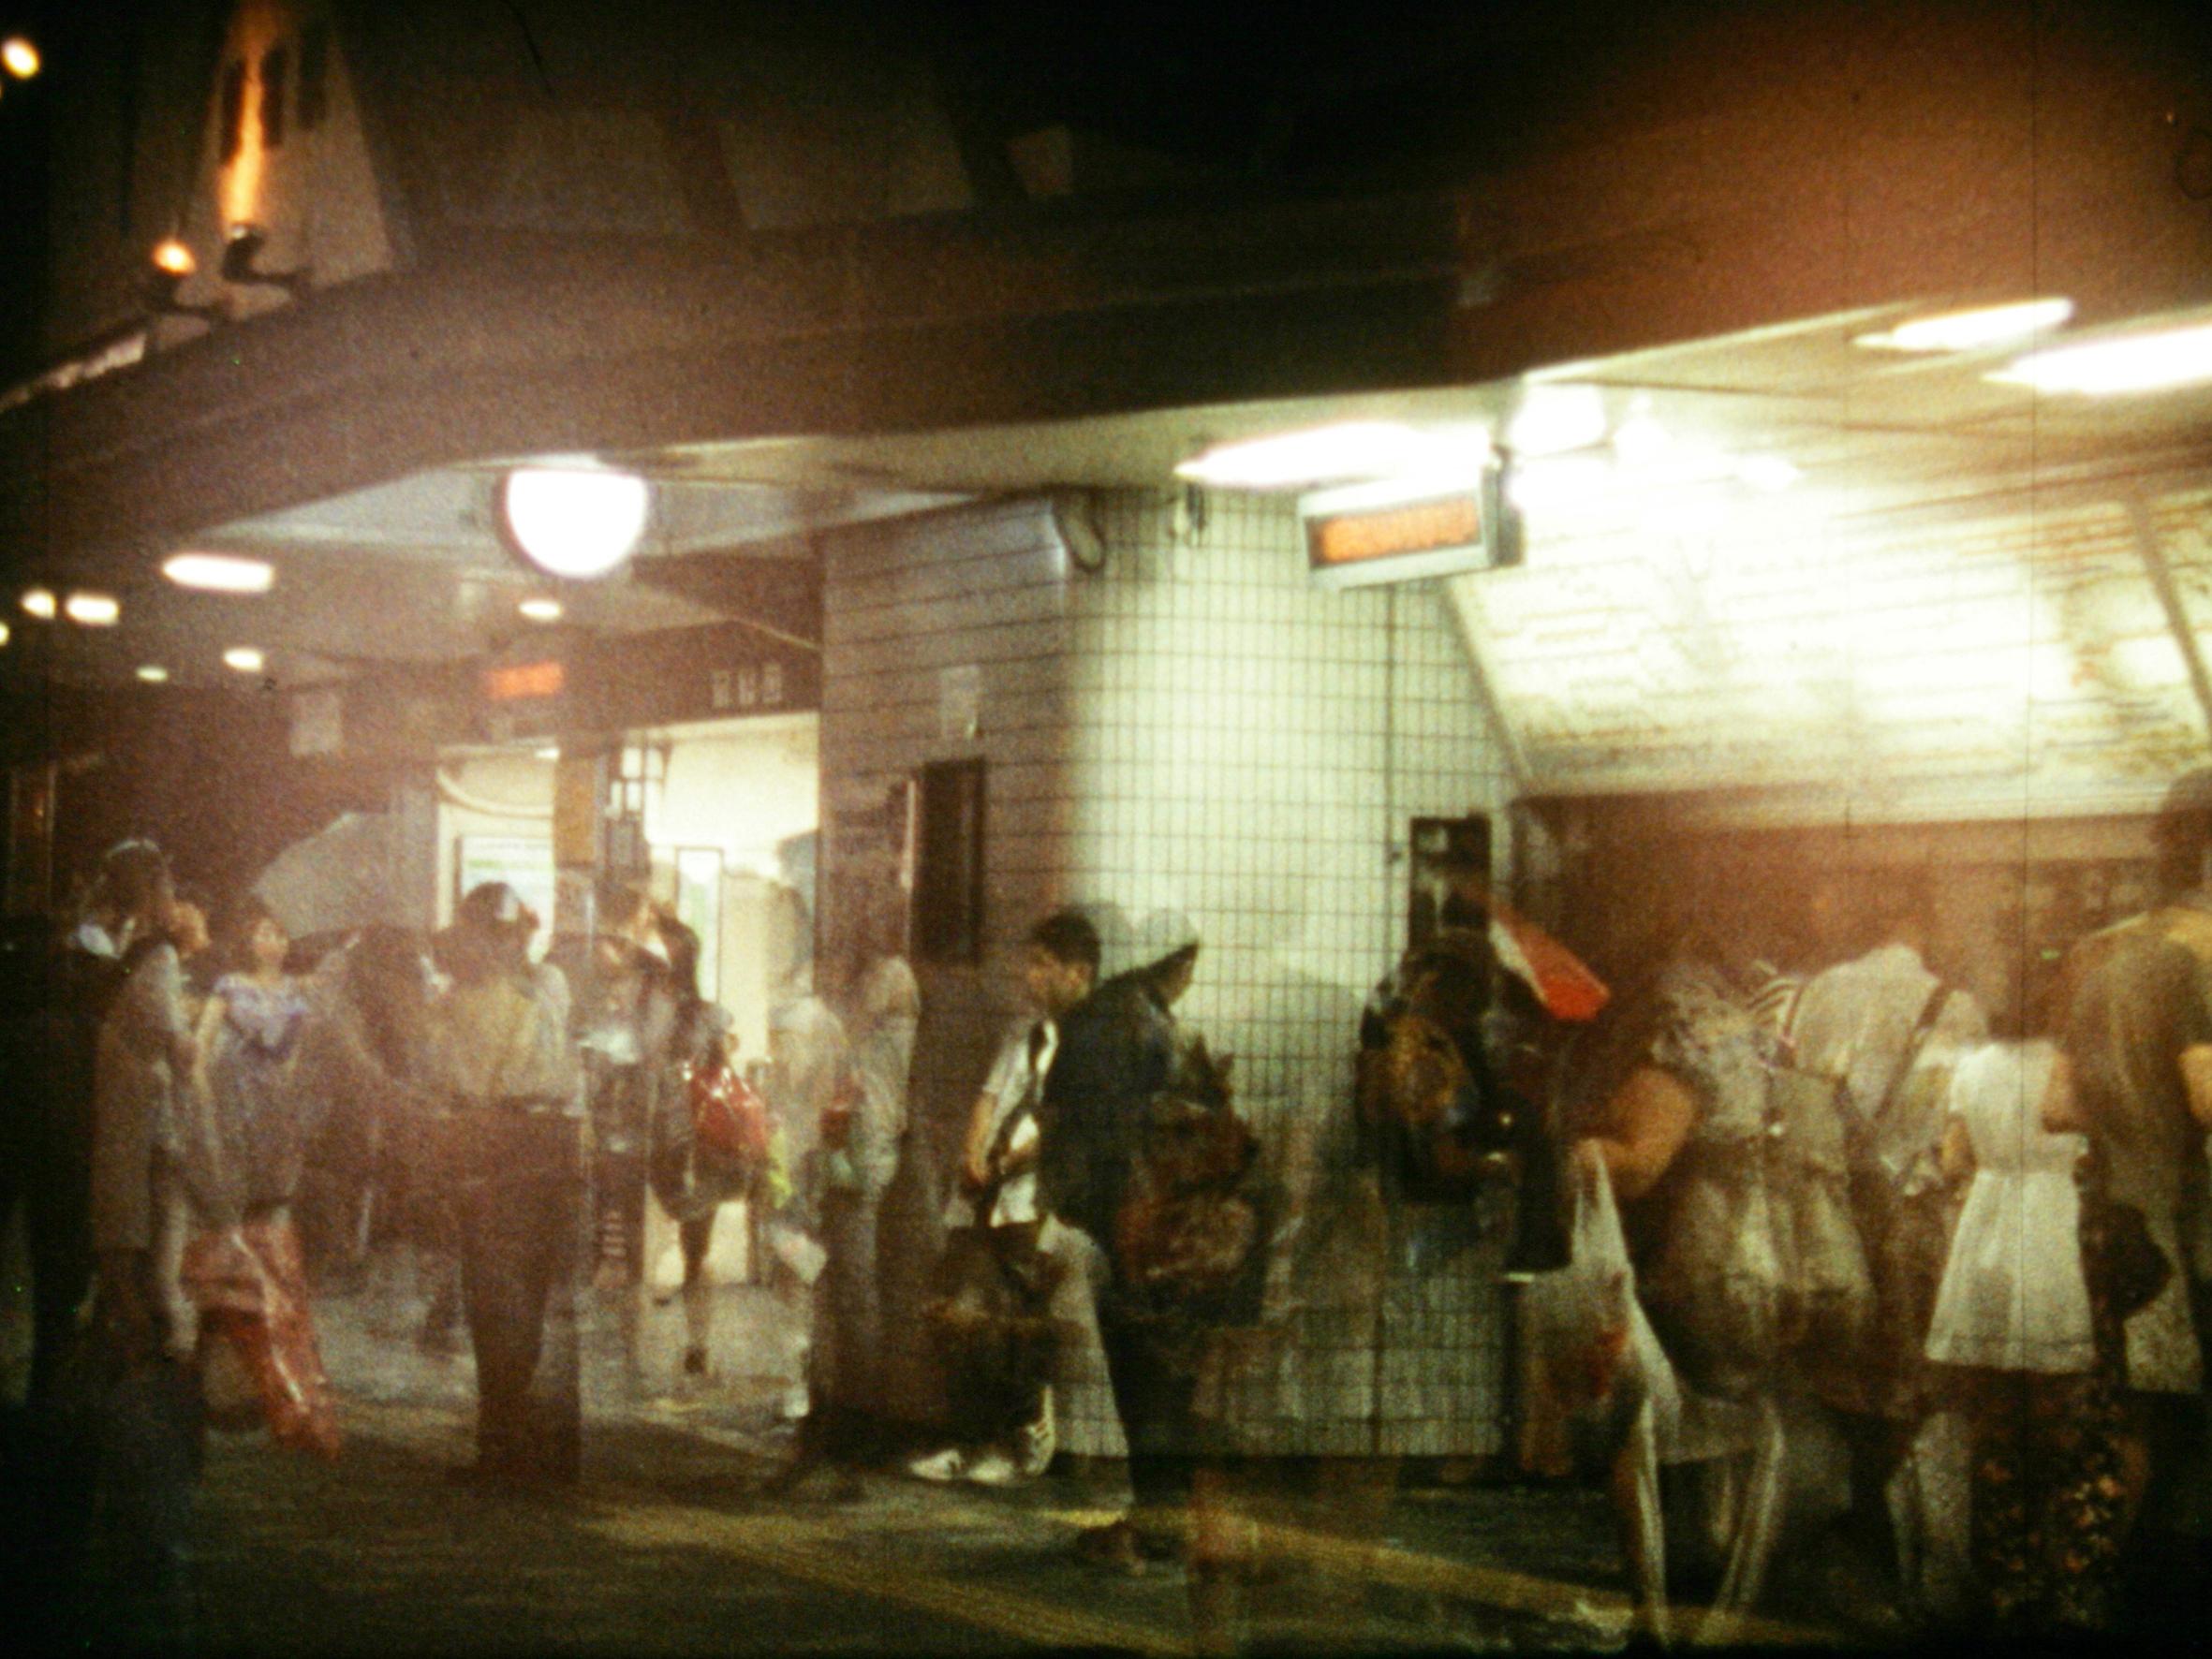 Shibuia-Tokyo, Tomonari Nishikawa, Giappone 2005